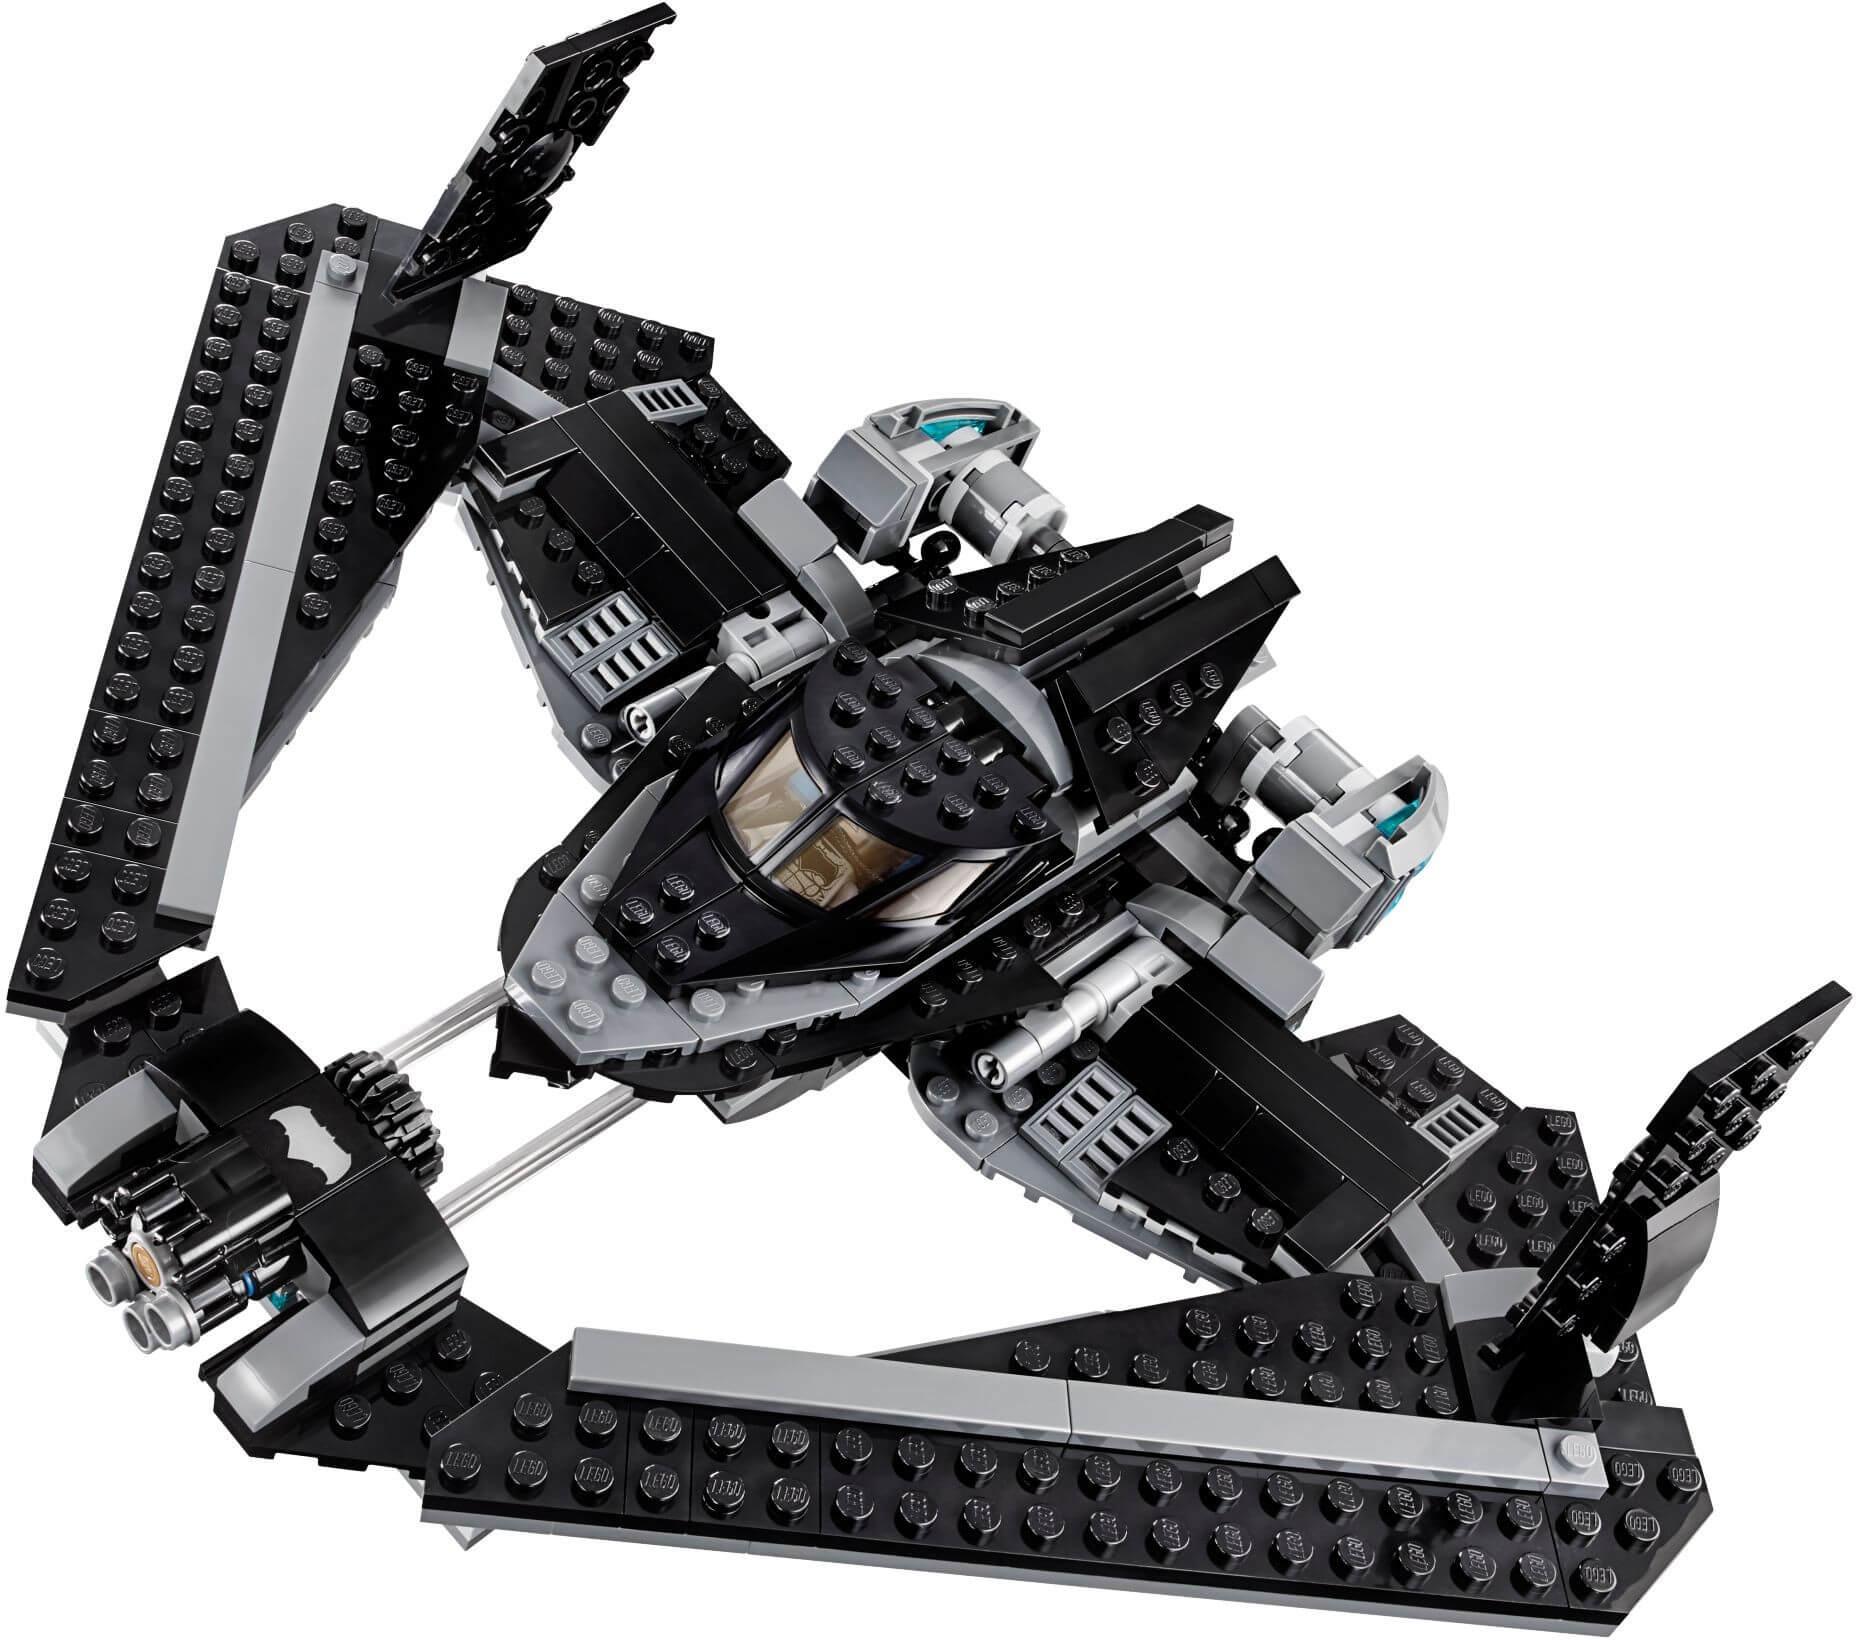 Mua đồ chơi LEGO 76046 - LEGO DC Comics Super Heroes 76046 - Siêu Máy bay Batwing đại chiến Lex Luthor (LEGO DC Comics Super Heroes Heroes of Justice: Sky High Battle 76046)